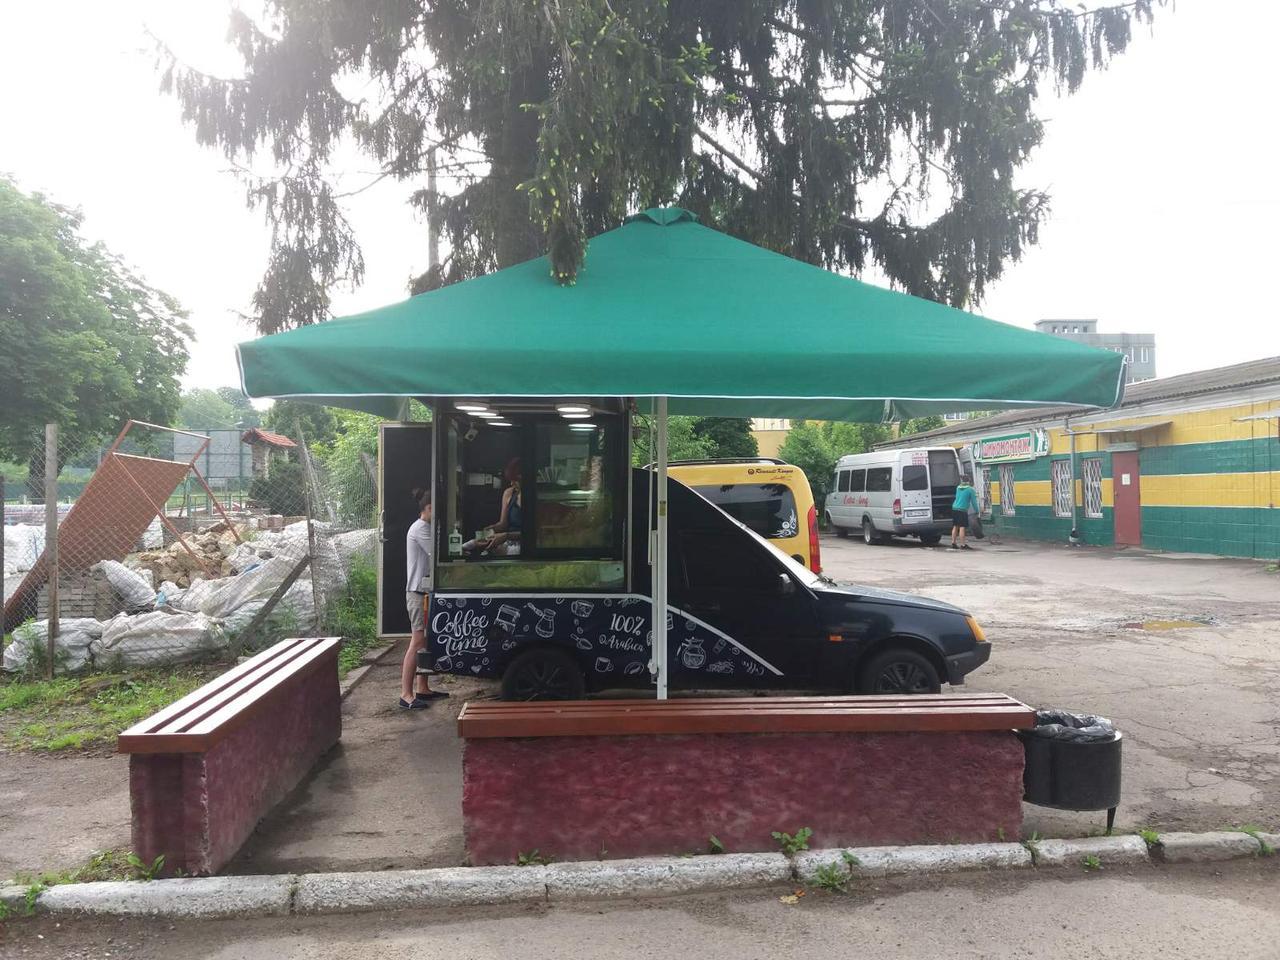 Зонт 4х4 торговый садовий пляжный барный тент  зонт 4х4 уличный тросовый квадратный